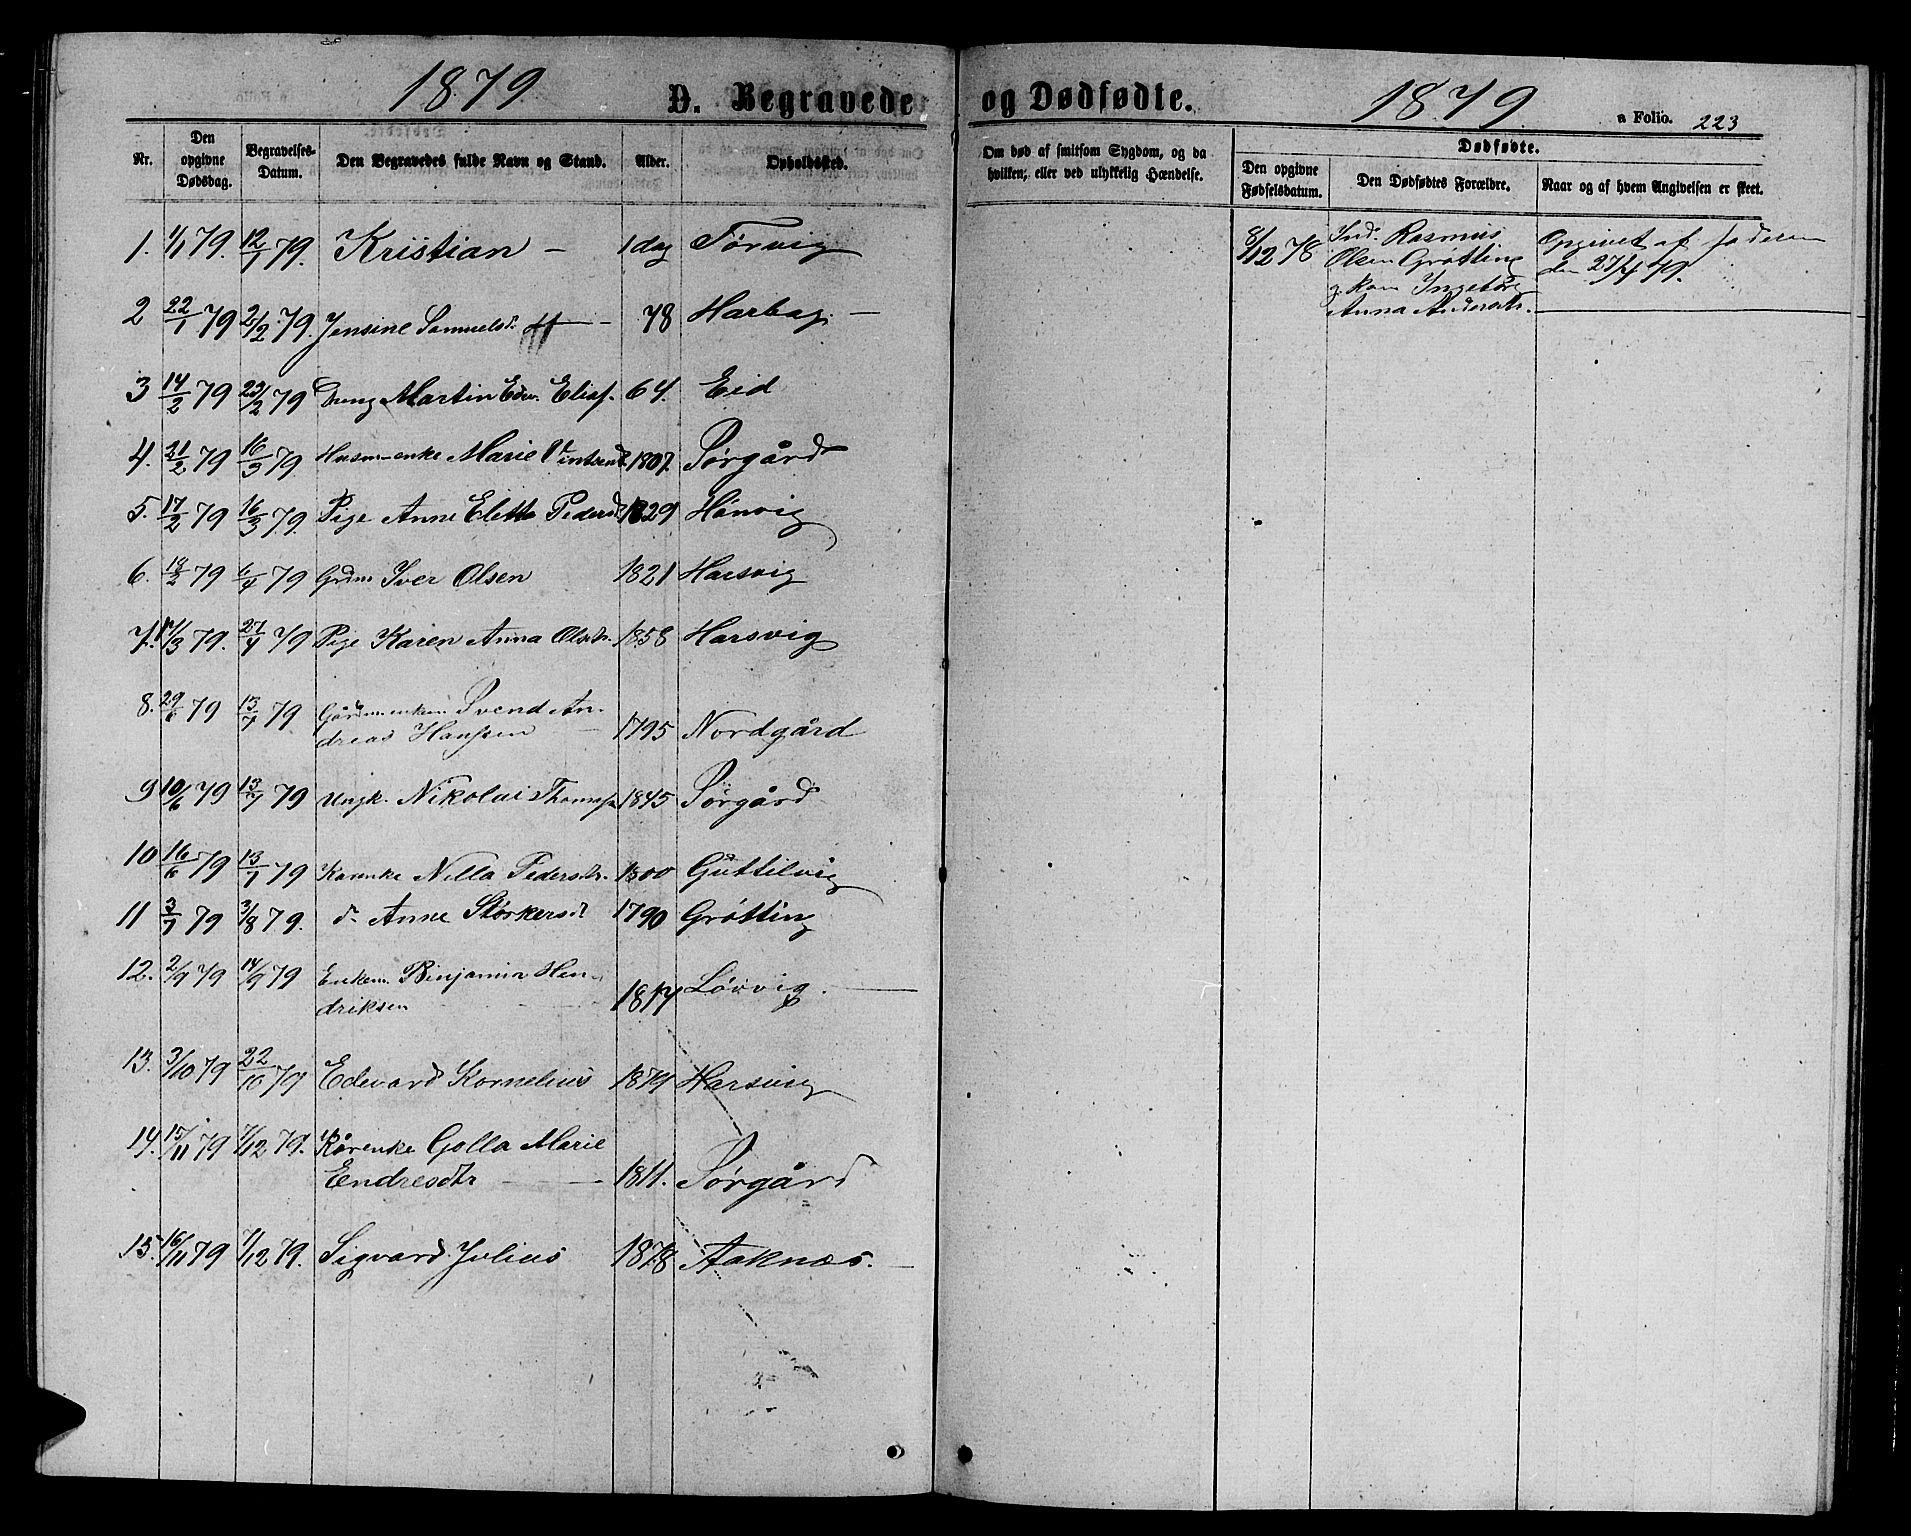 SAT, Ministerialprotokoller, klokkerbøker og fødselsregistre - Sør-Trøndelag, 656/L0695: Klokkerbok nr. 656C01, 1867-1889, s. 223